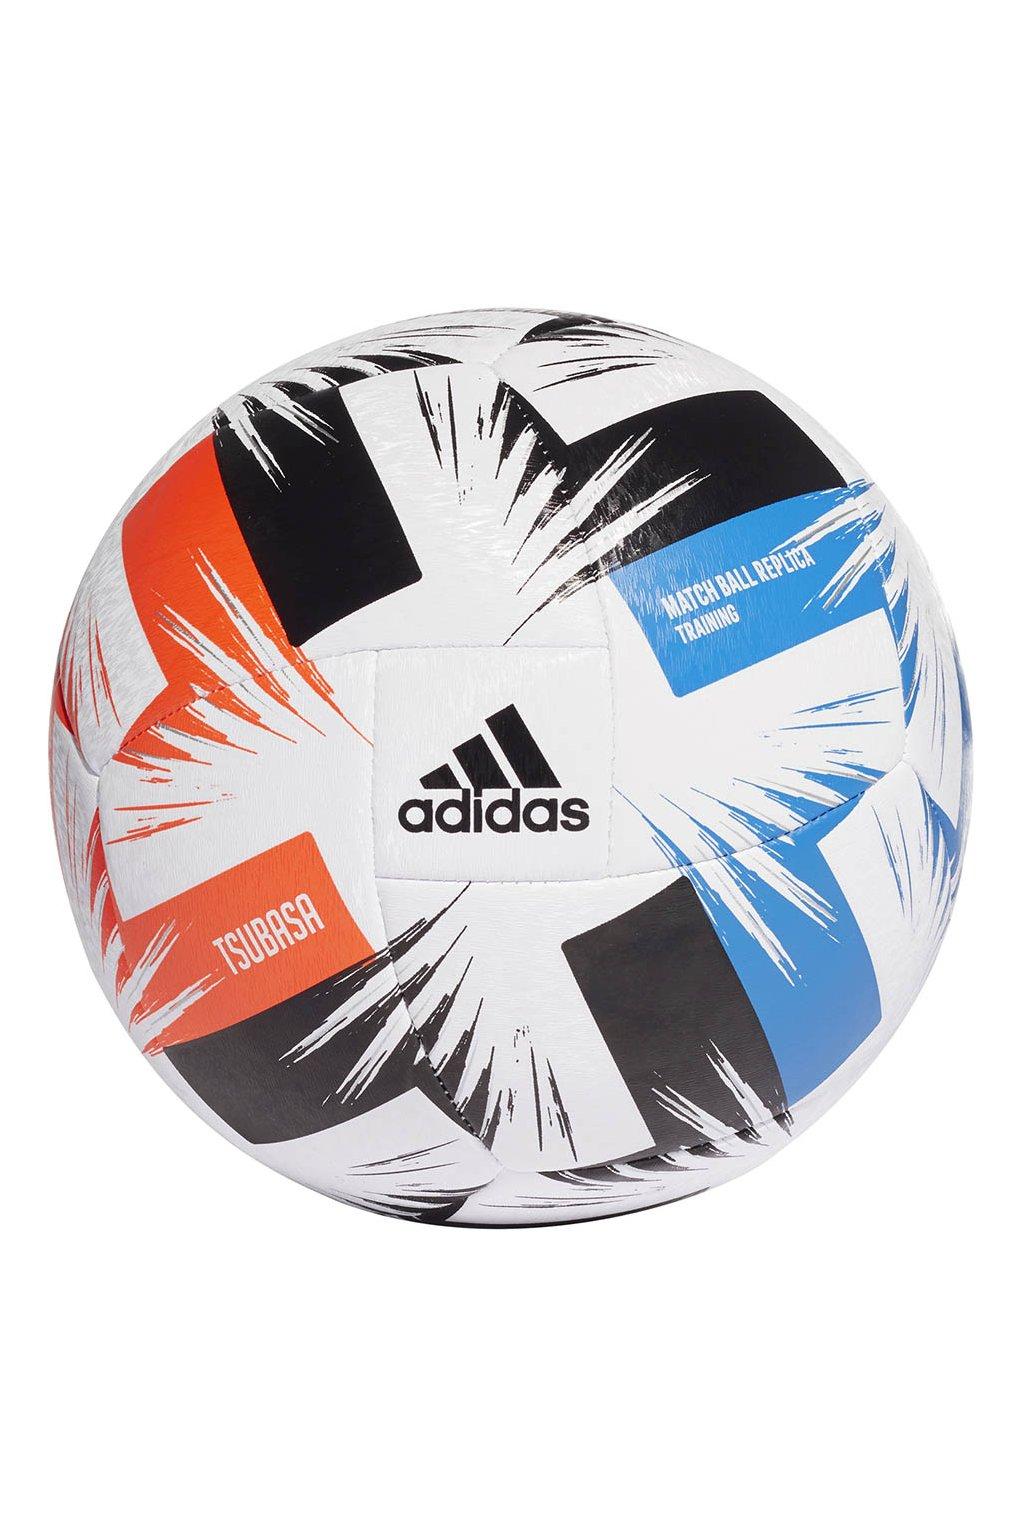 Futbalová lopta Adidas Tsubasa Training bielo-čierno-modro-červená FR8370